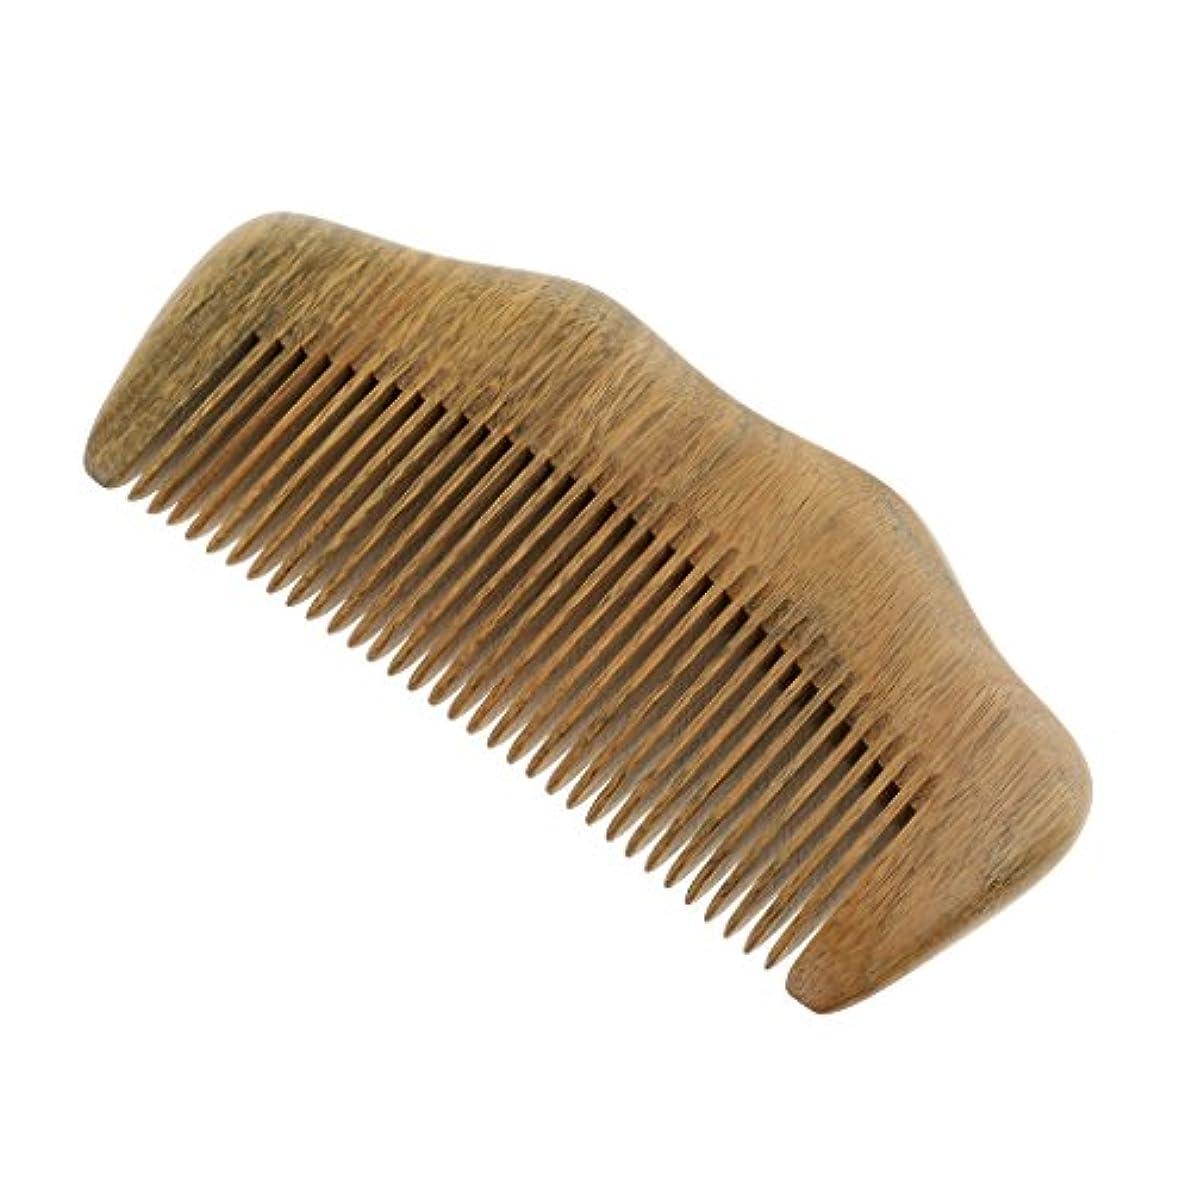 予防接種気候の山貢献ウッド ヘアコーム ナチュラル 木製 ストレート マッサージ ファインティース 高品質